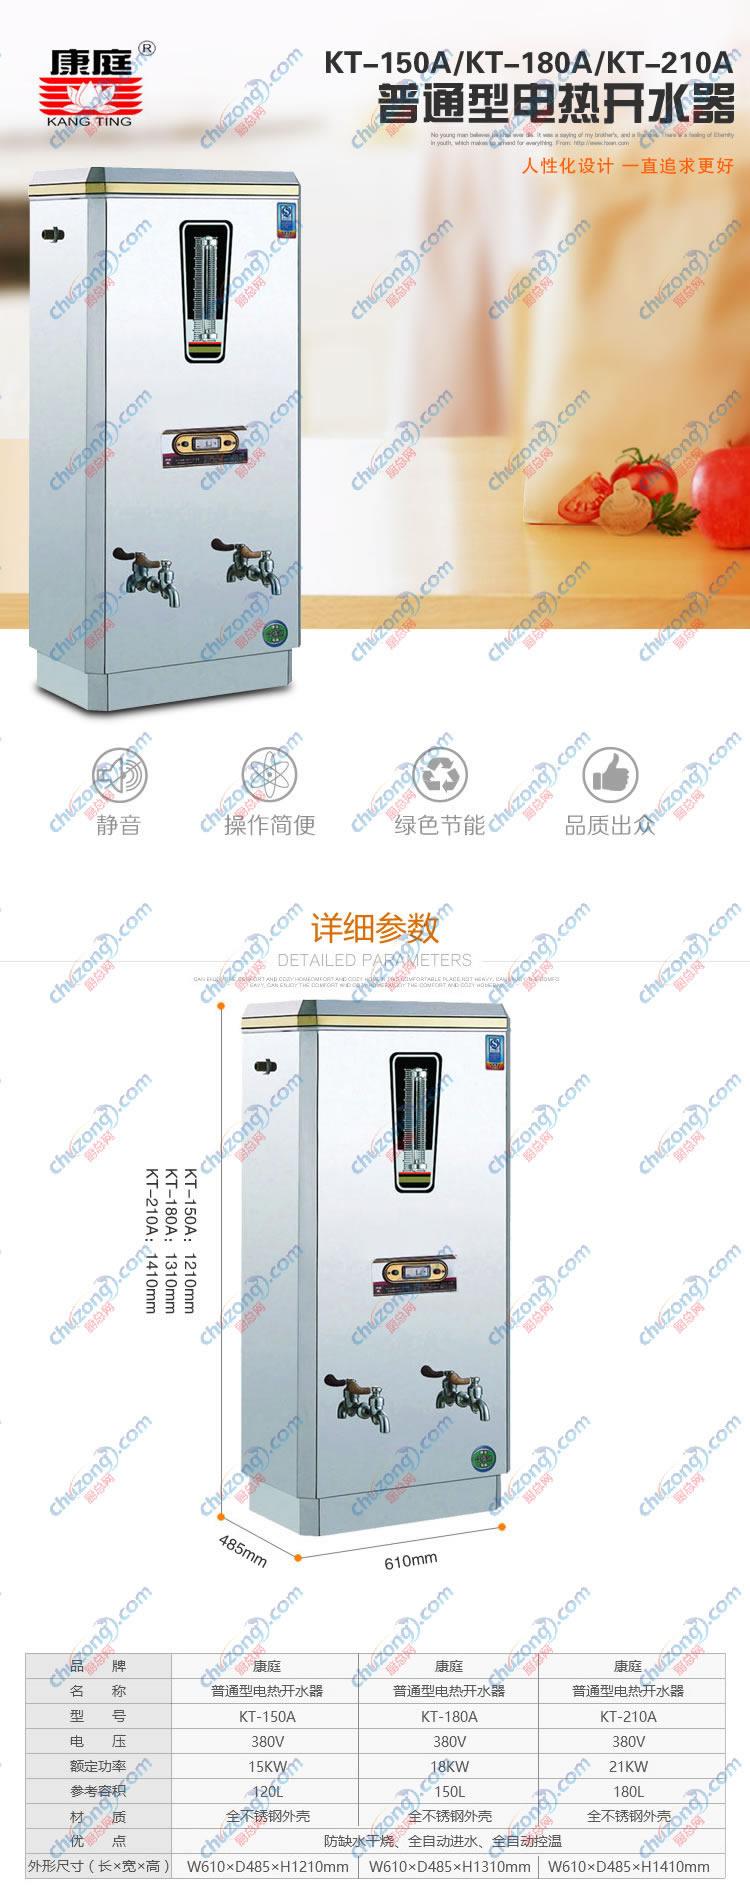 康庭开水器120LKT-150A图片